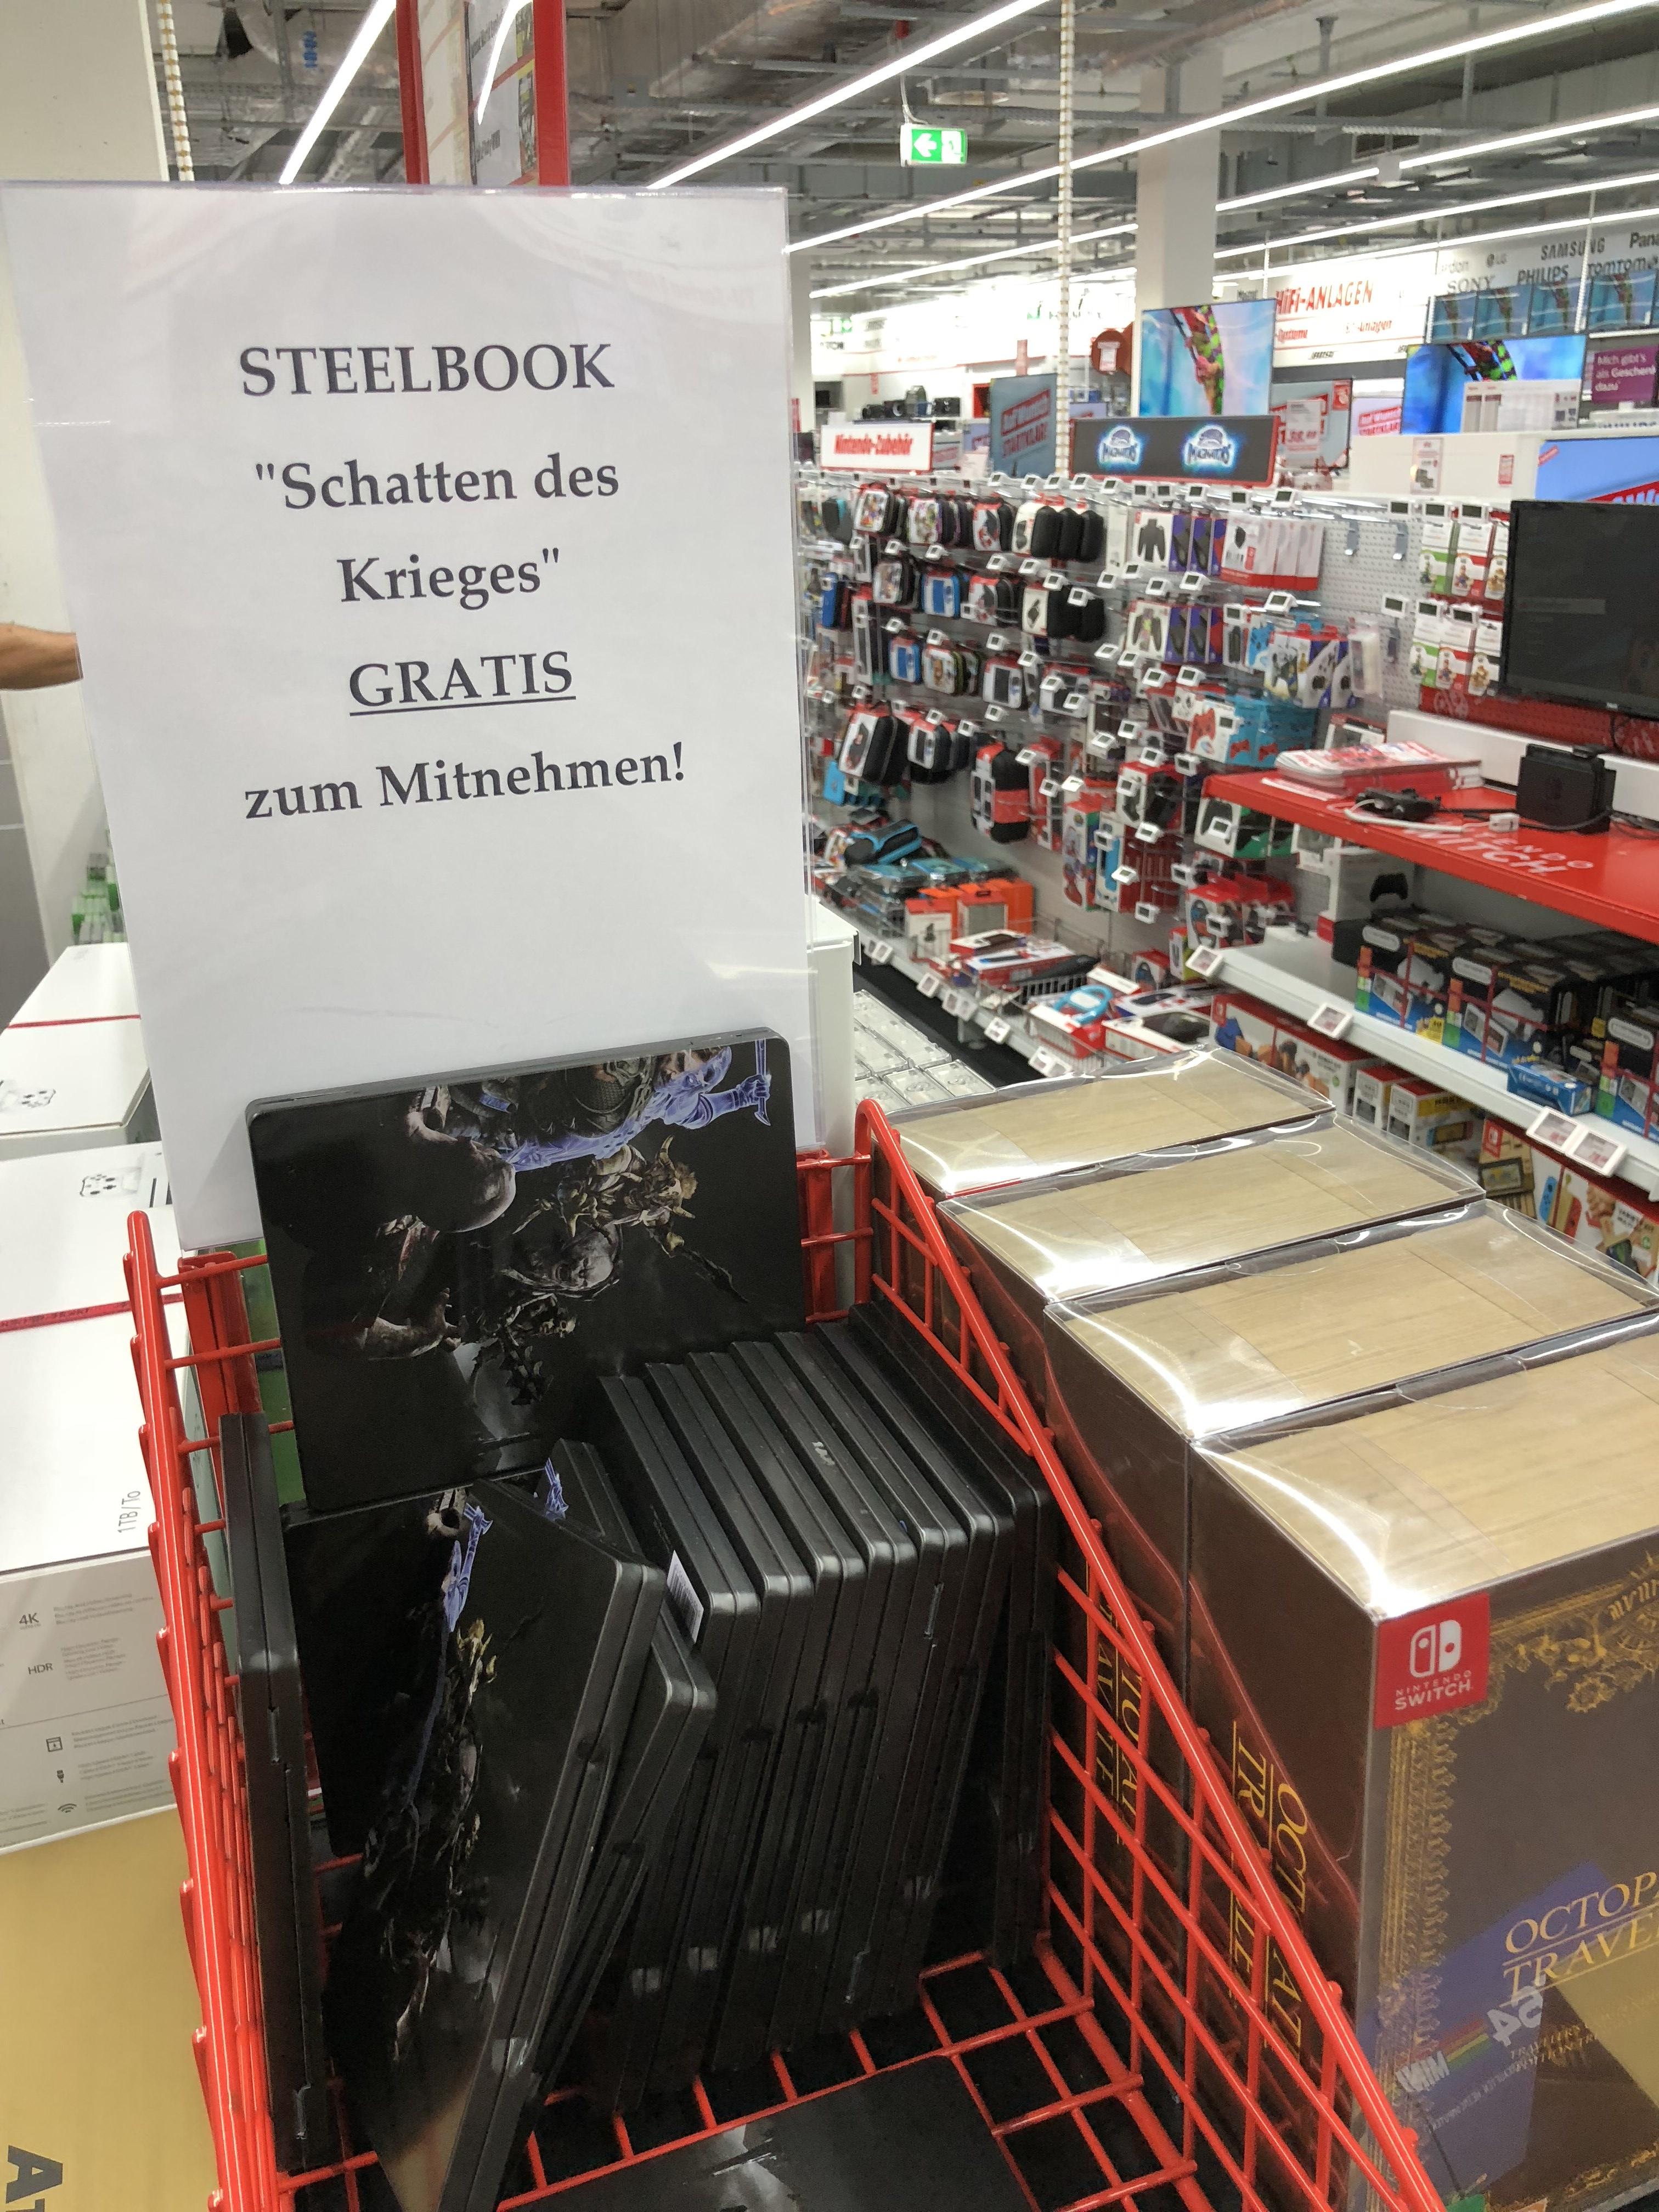 (Lokal - MM Neumünster) Mittelerde: Schatten des Kriegers Steelbook gratis zum Mitnehmen - PS4 / Xbox / PC